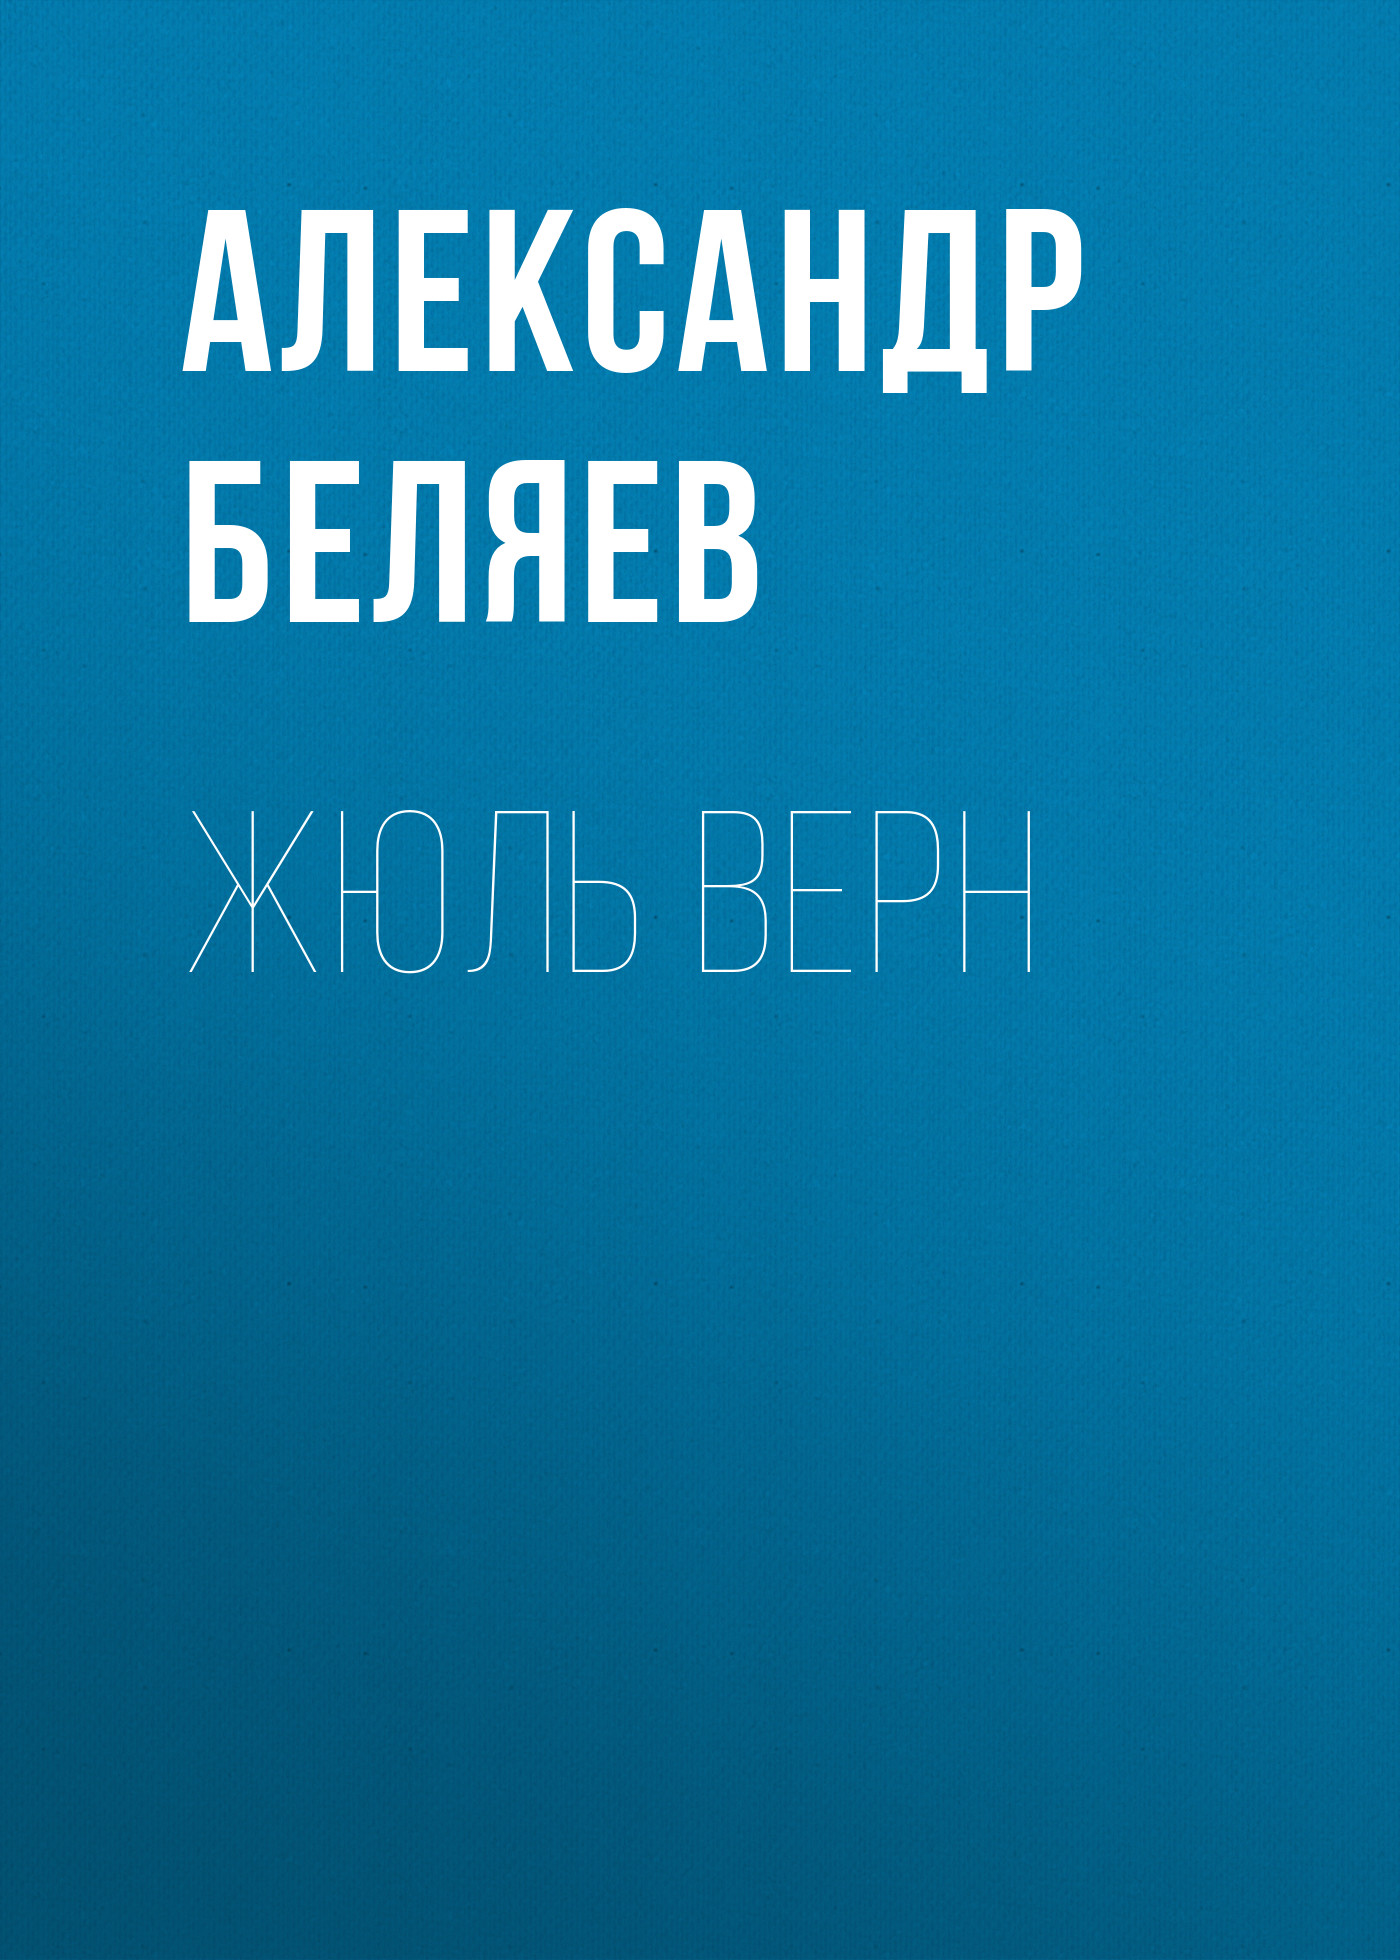 Александр Беляев Жюль Верн жюль верн семья ратон фантастическая сказка page 5